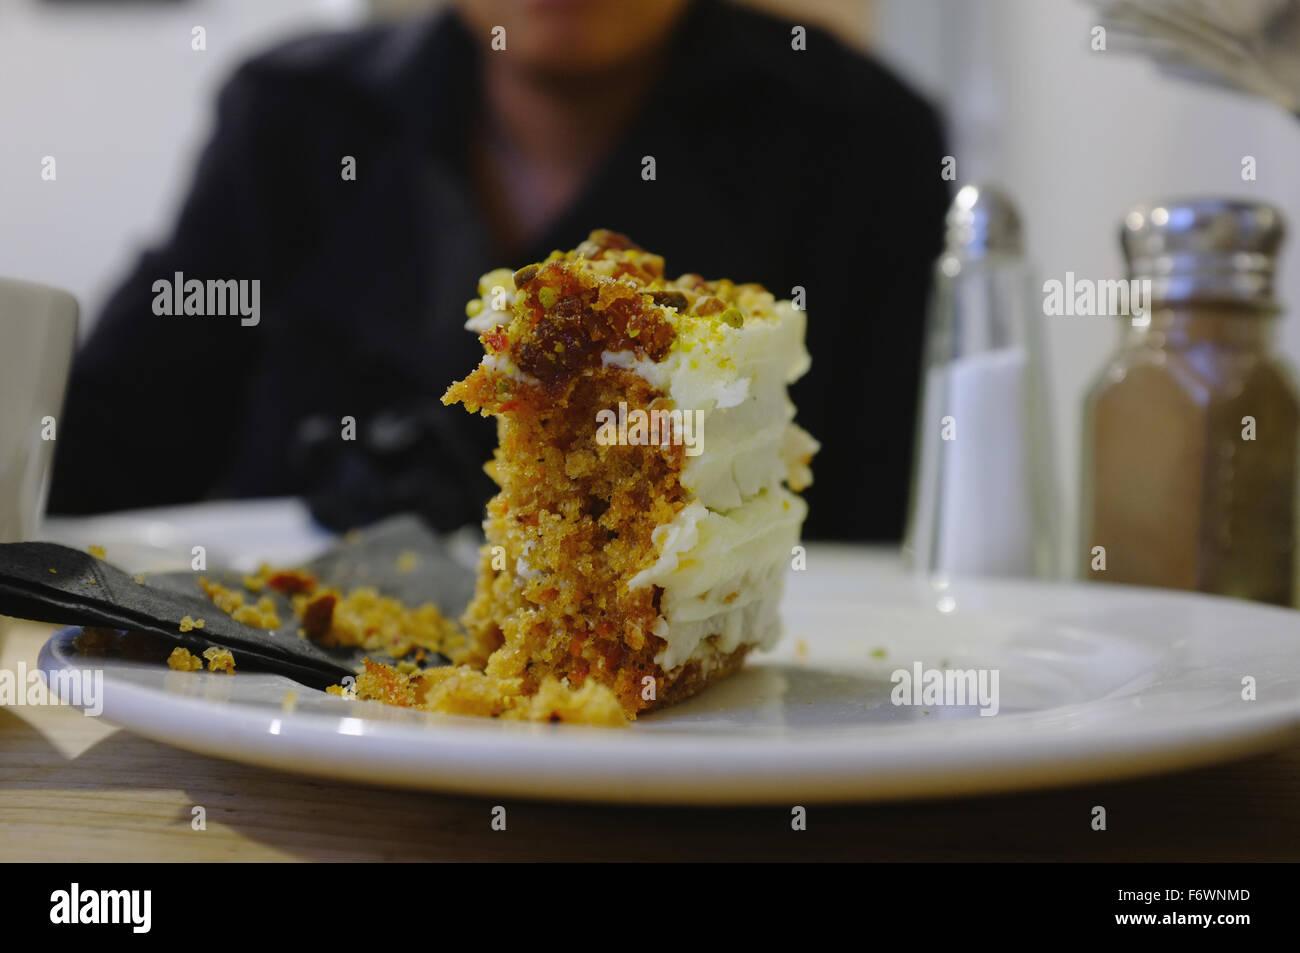 Una mitad comido trozo de pastel de zanahoria en una placa en el interior de un café en Brighton. Imagen De Stock